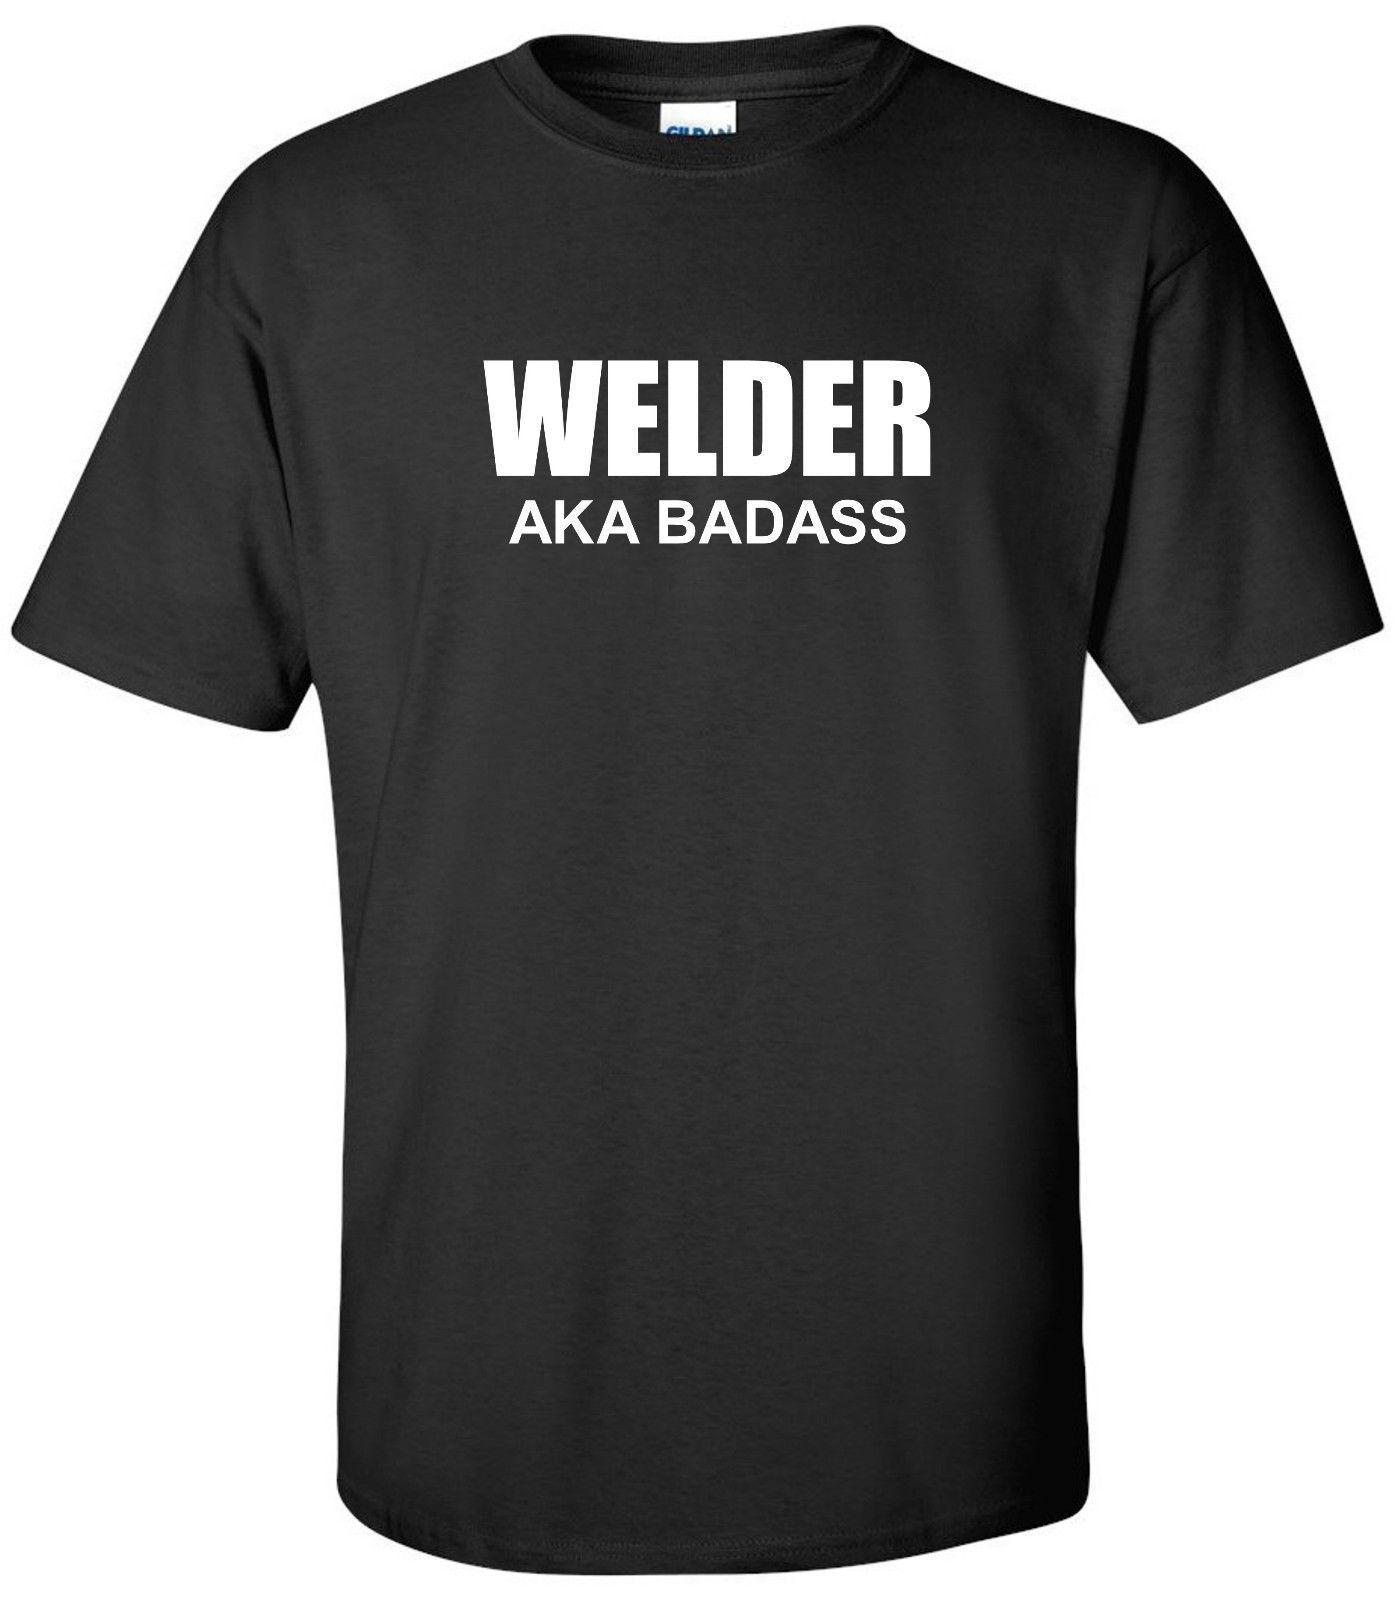 ff255c68 WELDER AKA BADASS T Shirt Welding Weld Metal Worker Ironworker Funny Tee  Shirt Tees Custom Jersey T Shirt Online Shop T Shirt Shirts Designer From  Goodcup, ...